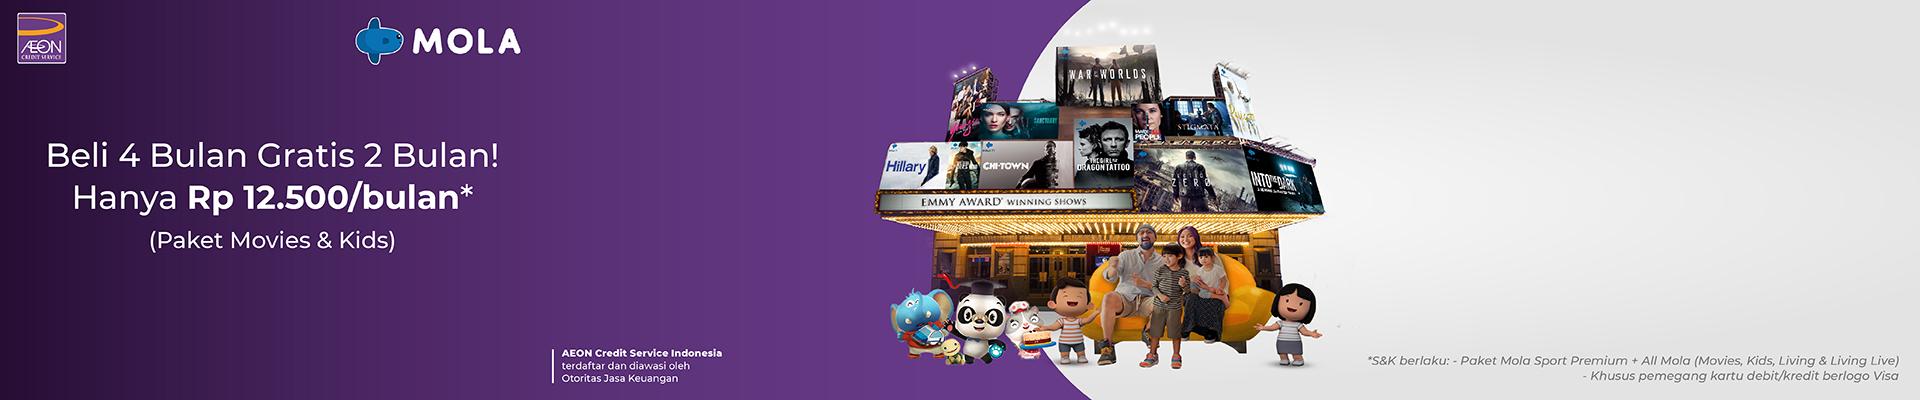 Langganan 4 Bulan Dapatkan Gratis 2 Bulan untuk Paket Film dan Anak-Anak